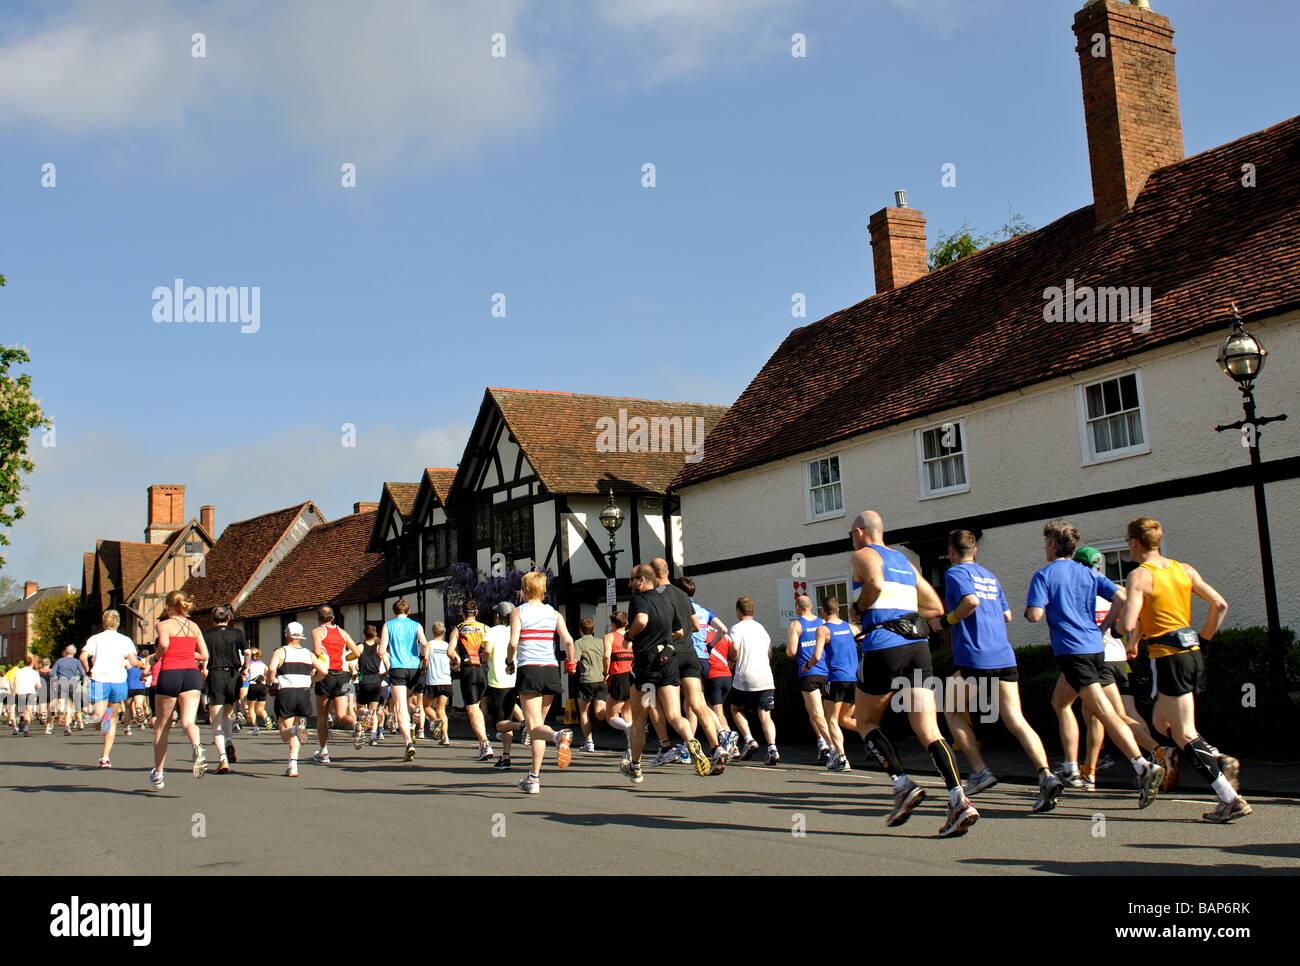 En 2009, les coureurs de marathon et demi-marathon Shakespeare race, UK Banque D'Images